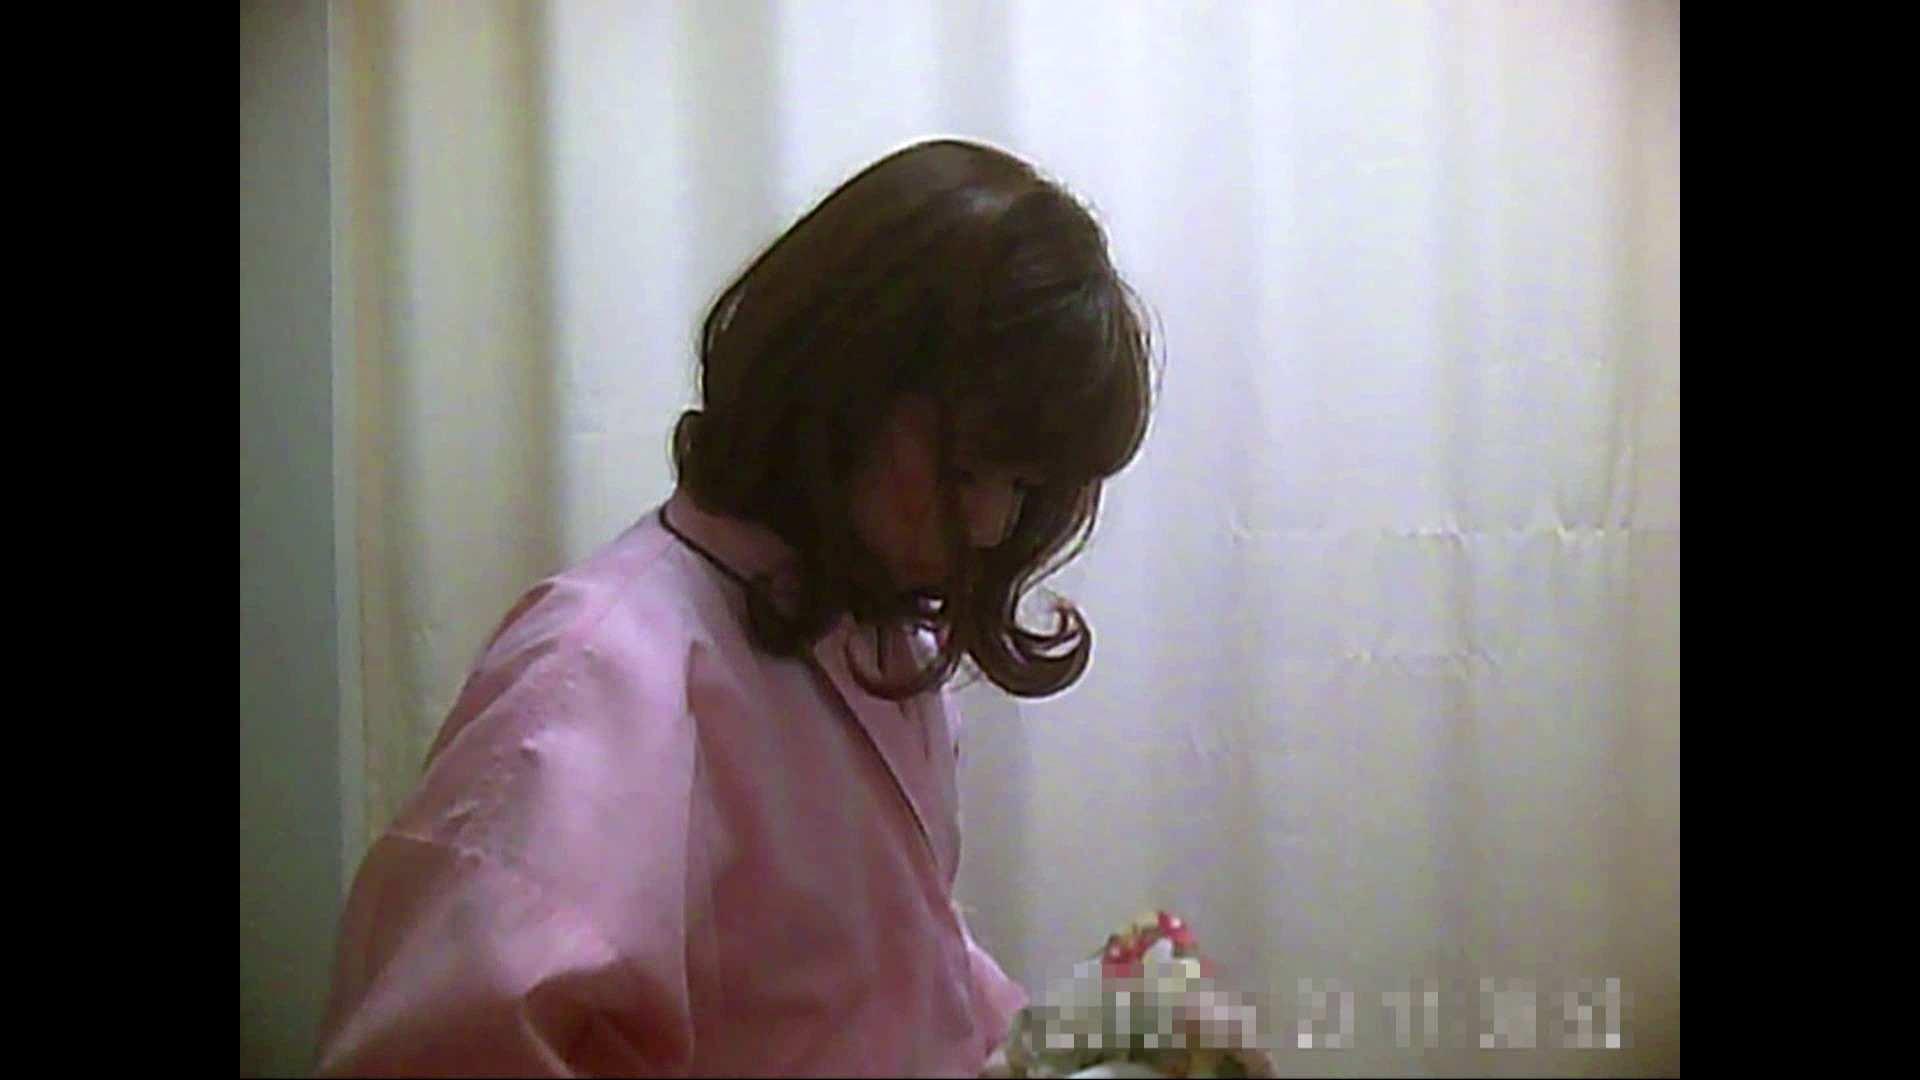 元医者による反抗 更衣室地獄絵巻 vol.045 OL | 0  66連発 36